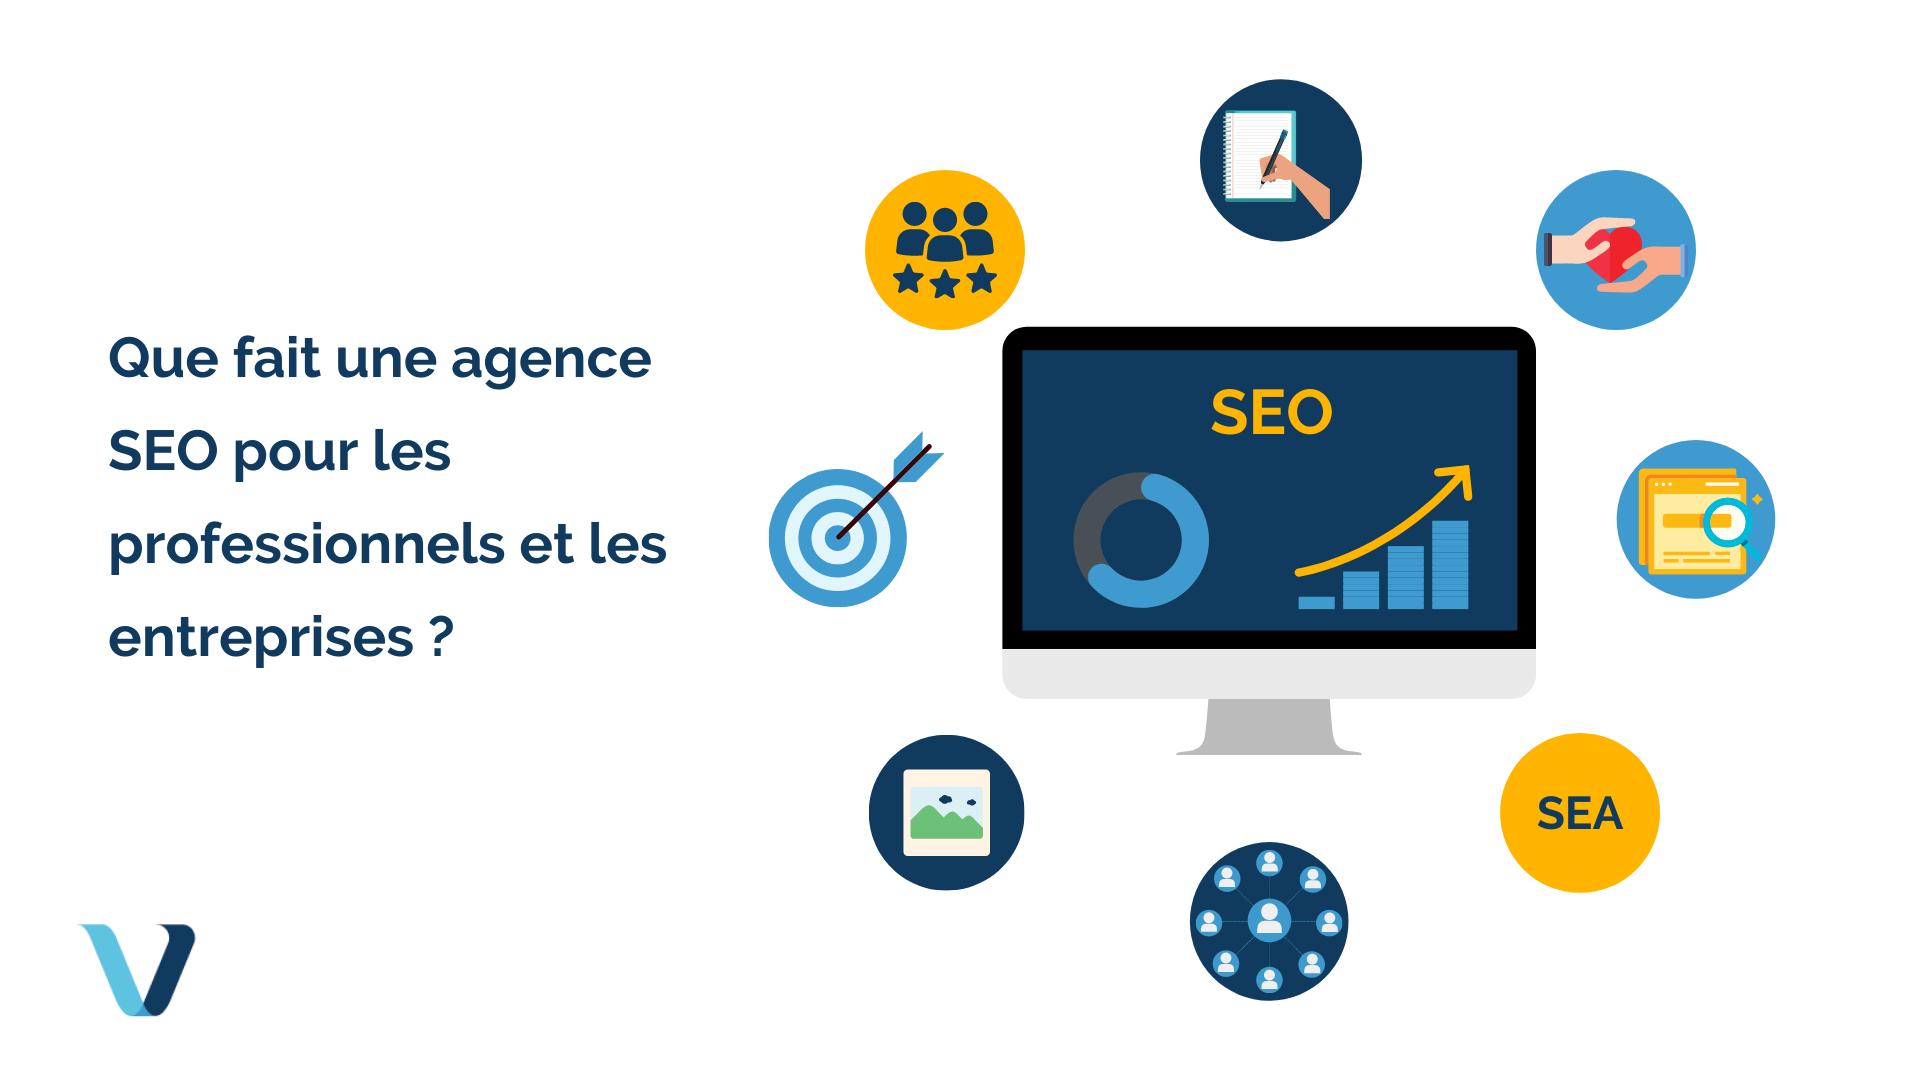 Que fait une agence SEO pour les professionnels et les entreprises ?